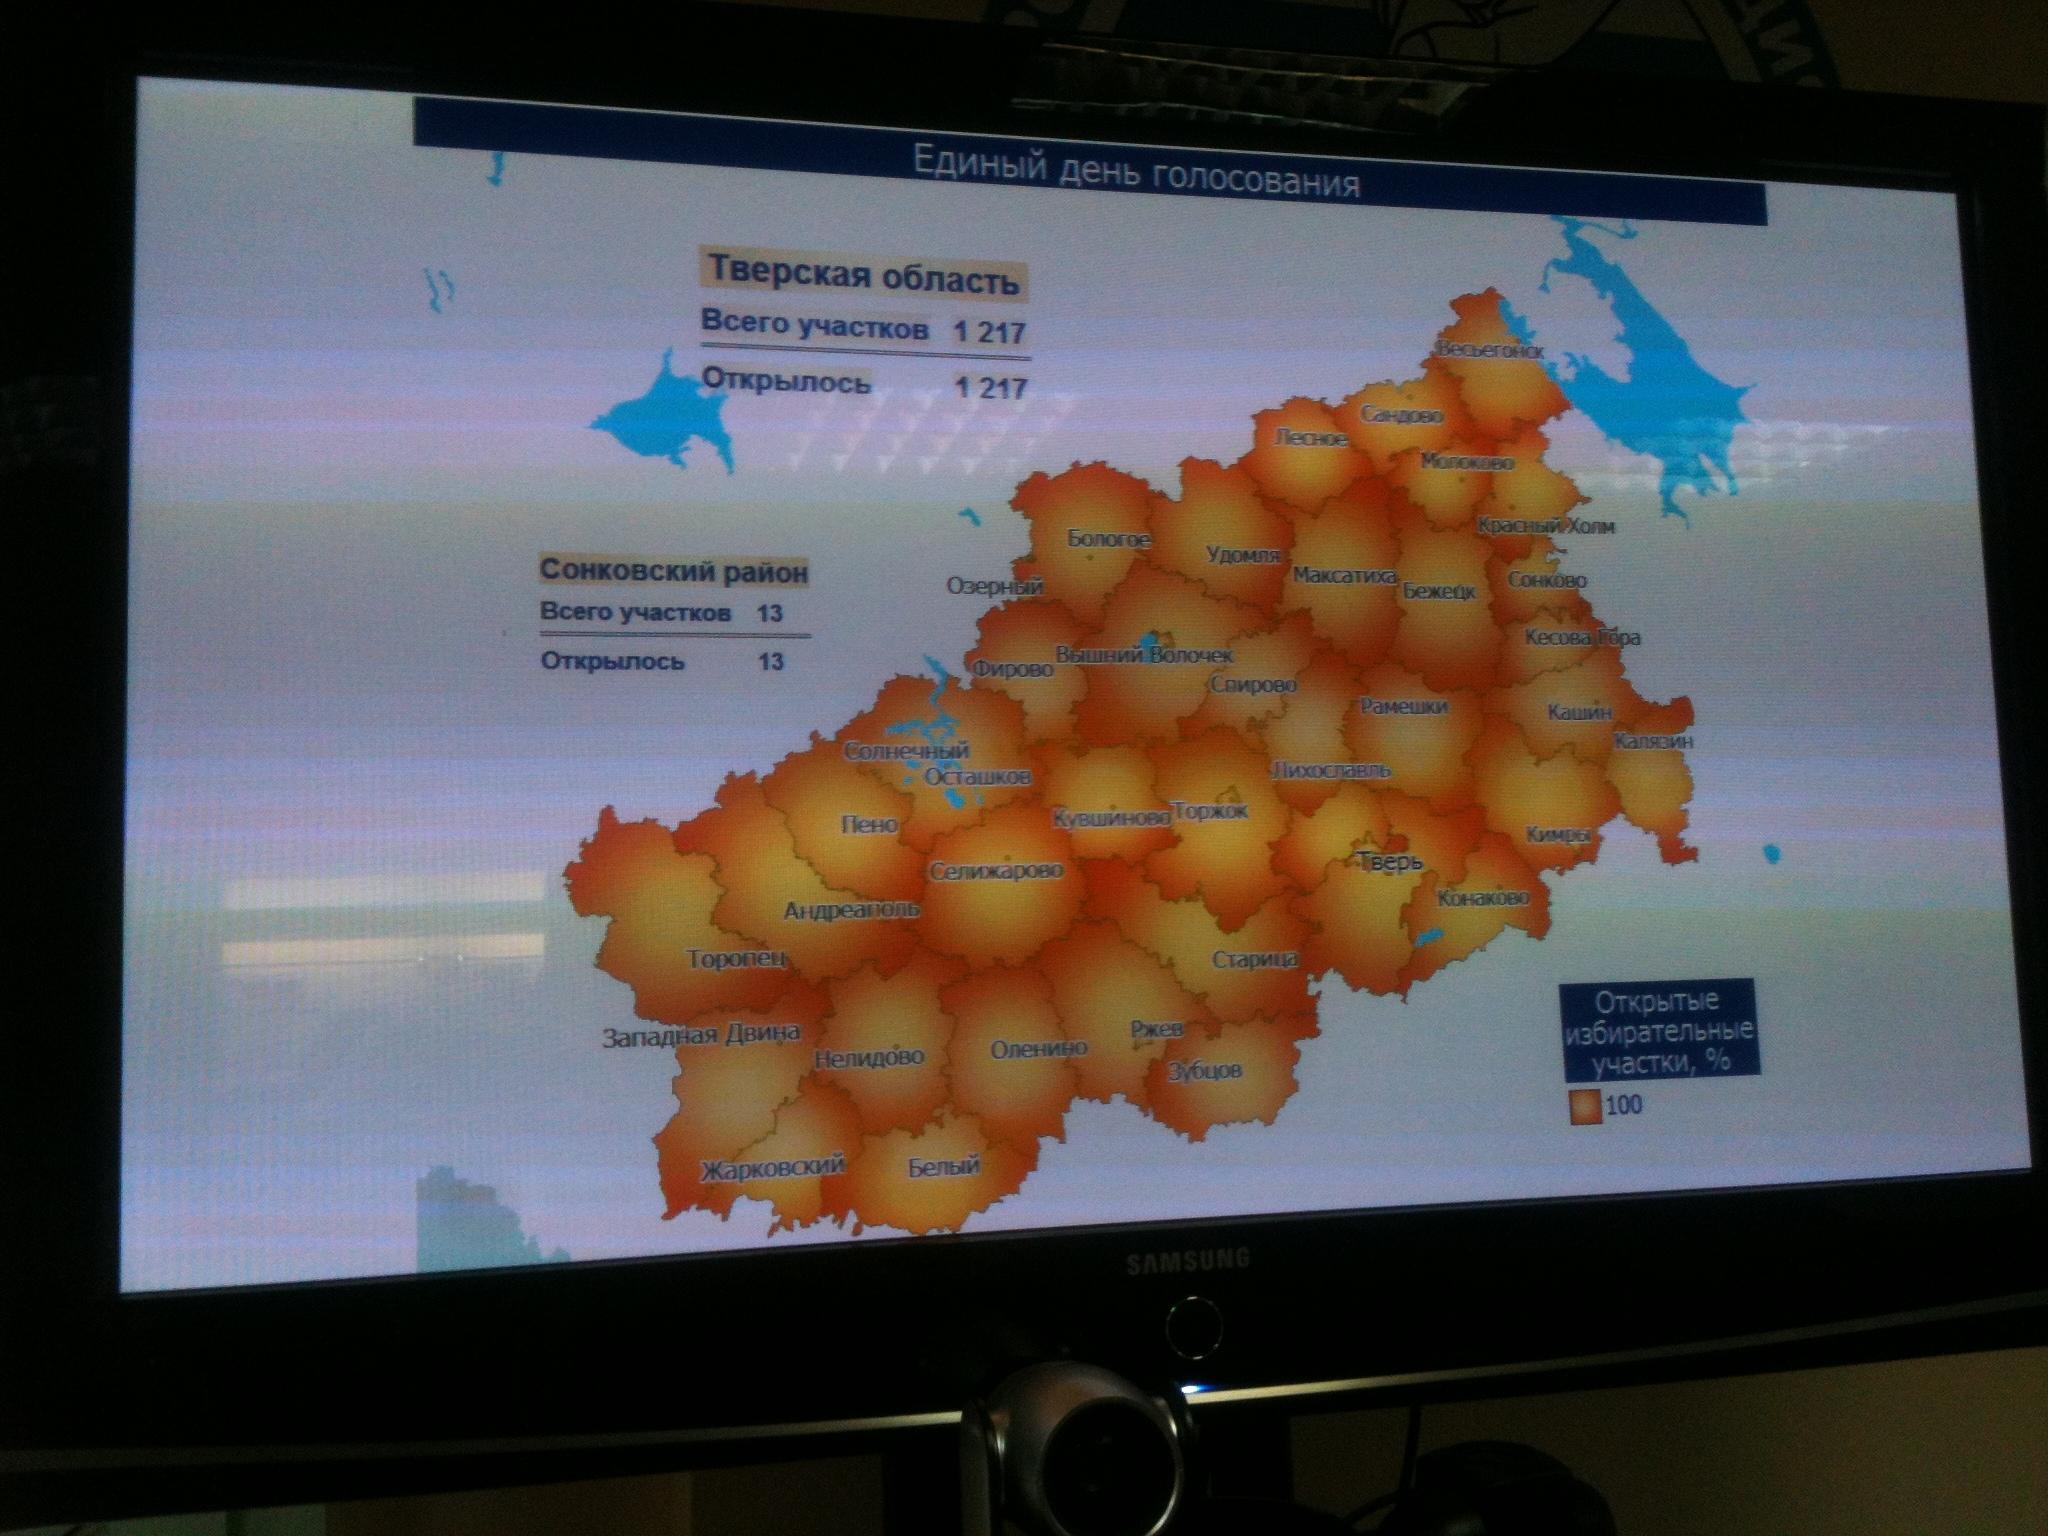 Явка избирателей навыборы вТверской области на10:00